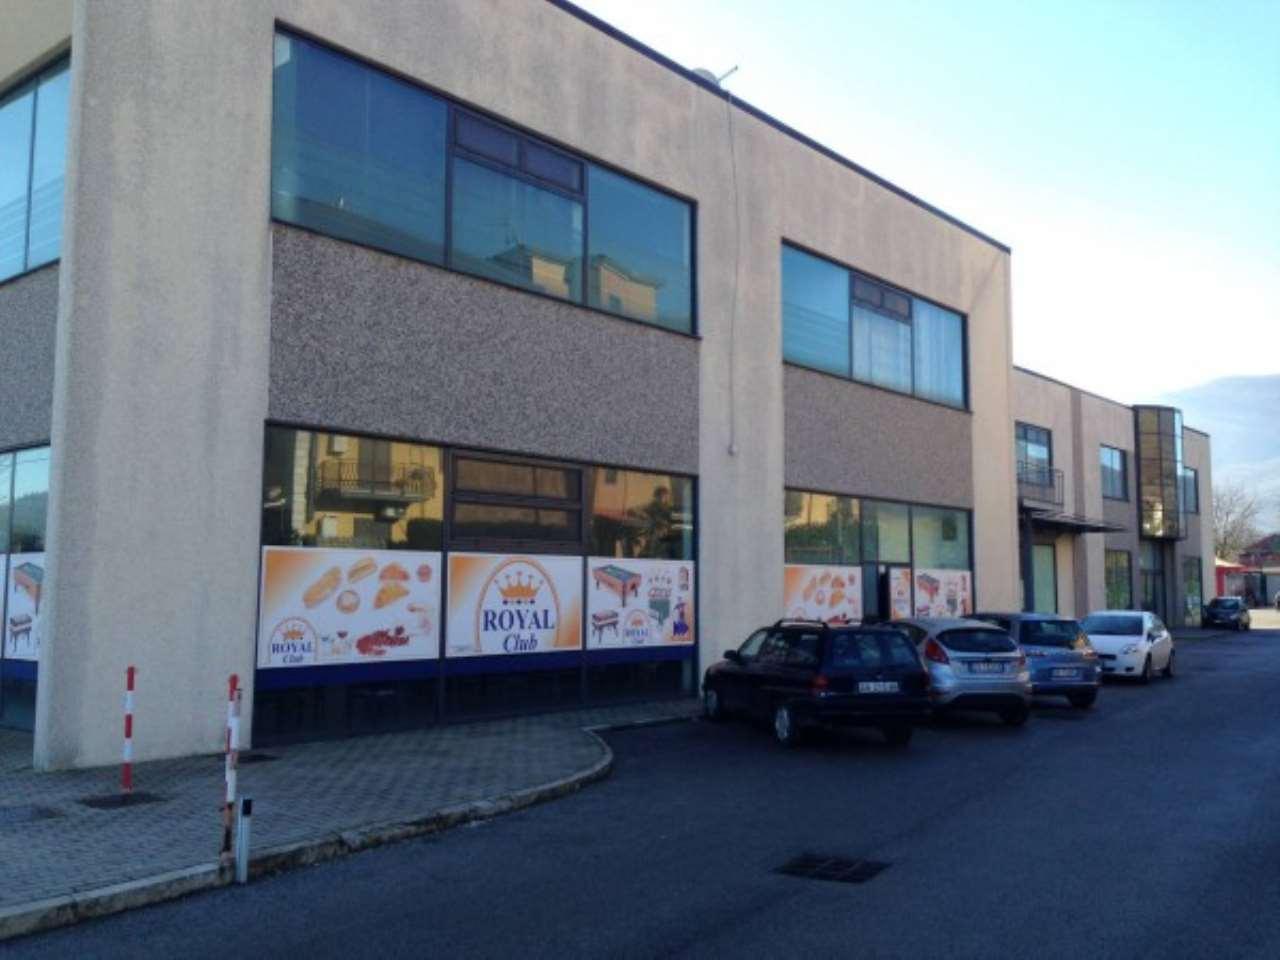 Locali a destinazione industriale-commerciale ad Avellino